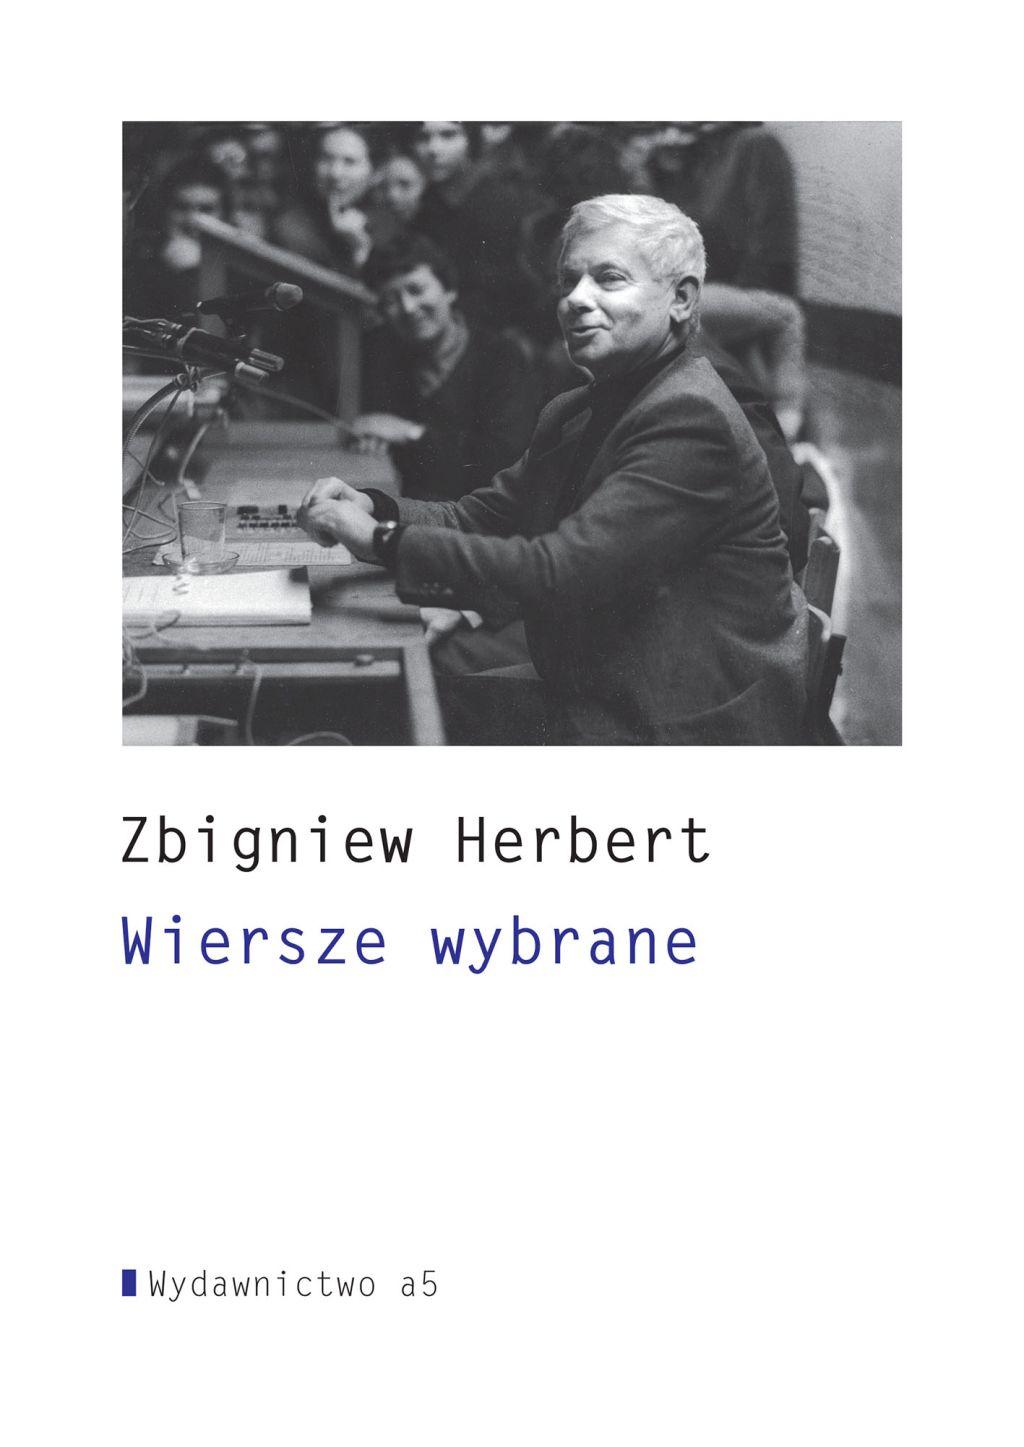 """Zbigniew Herbert, """"Wiersze wybrane"""" (źródło: materiały prasowe)"""